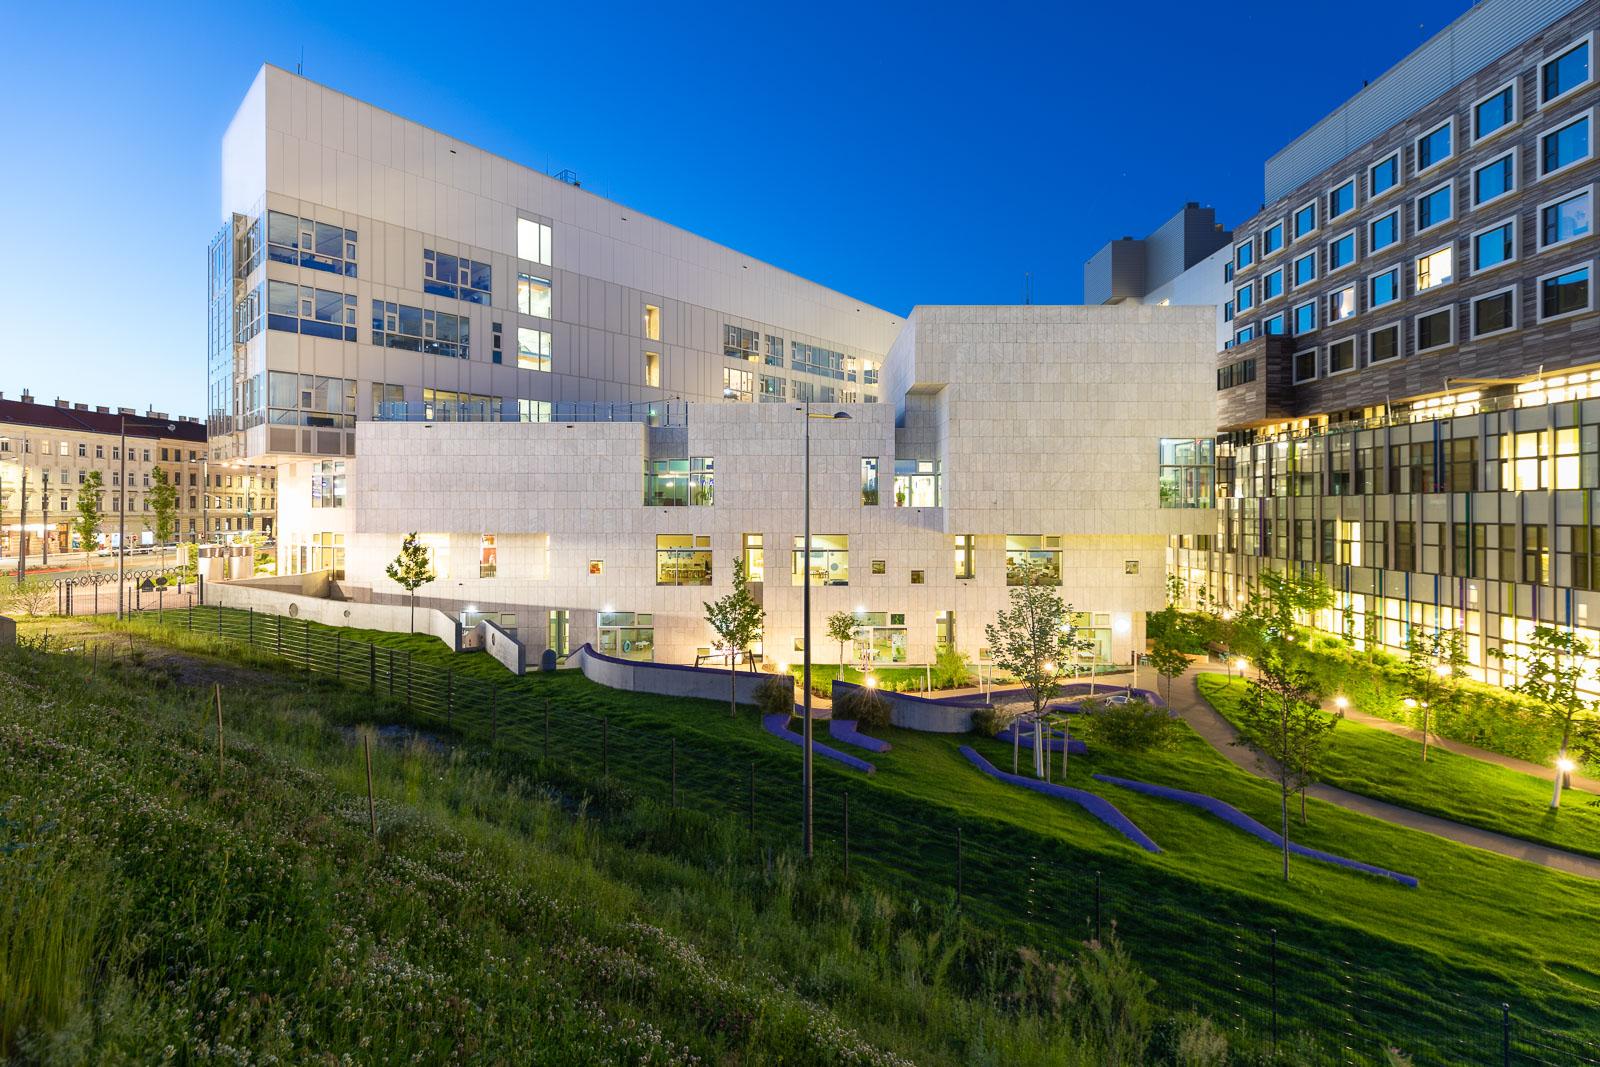 Klinik Floridsdorf- Nachtaufnahme, Architekt Albert Wimmer